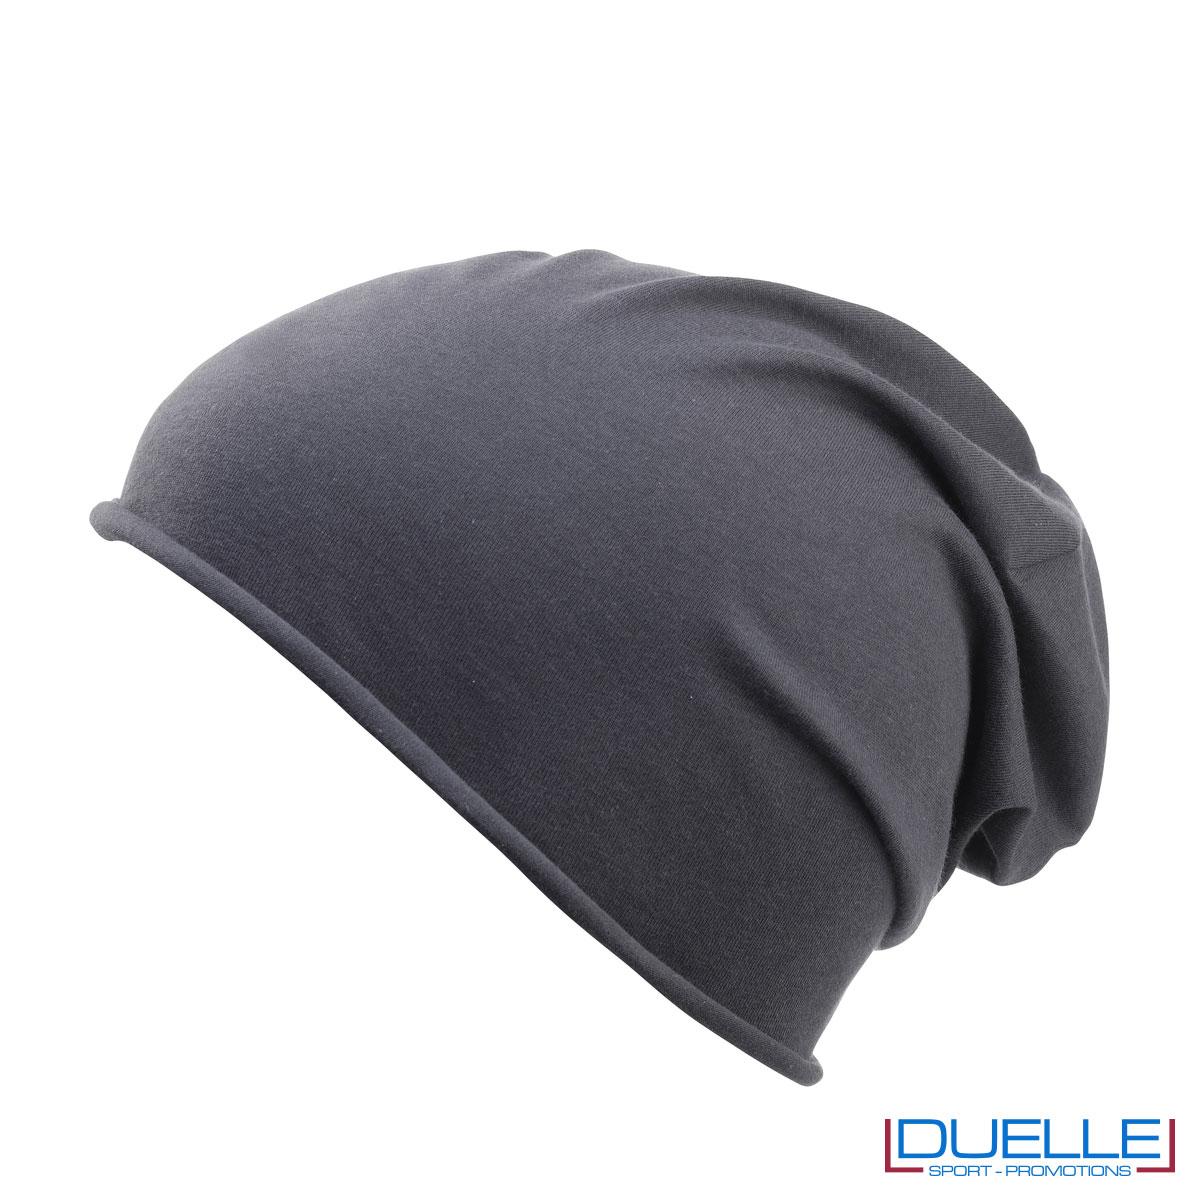 Cuffia cotone organico colore grigio personalizzata